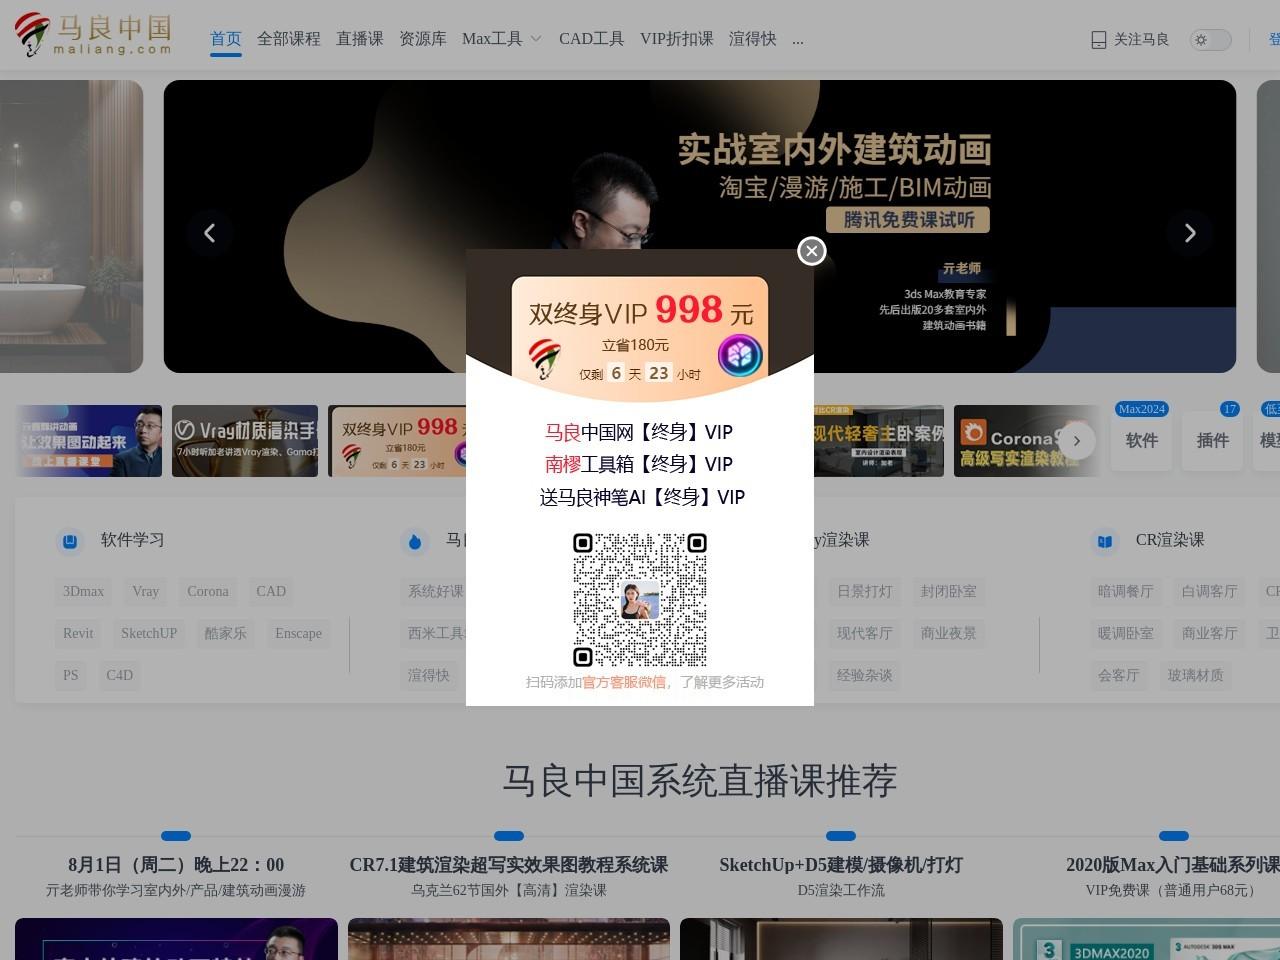 3dmax视频教程|室内设计培训|3dmax教程|马良中国|广州第八色科技有限公司